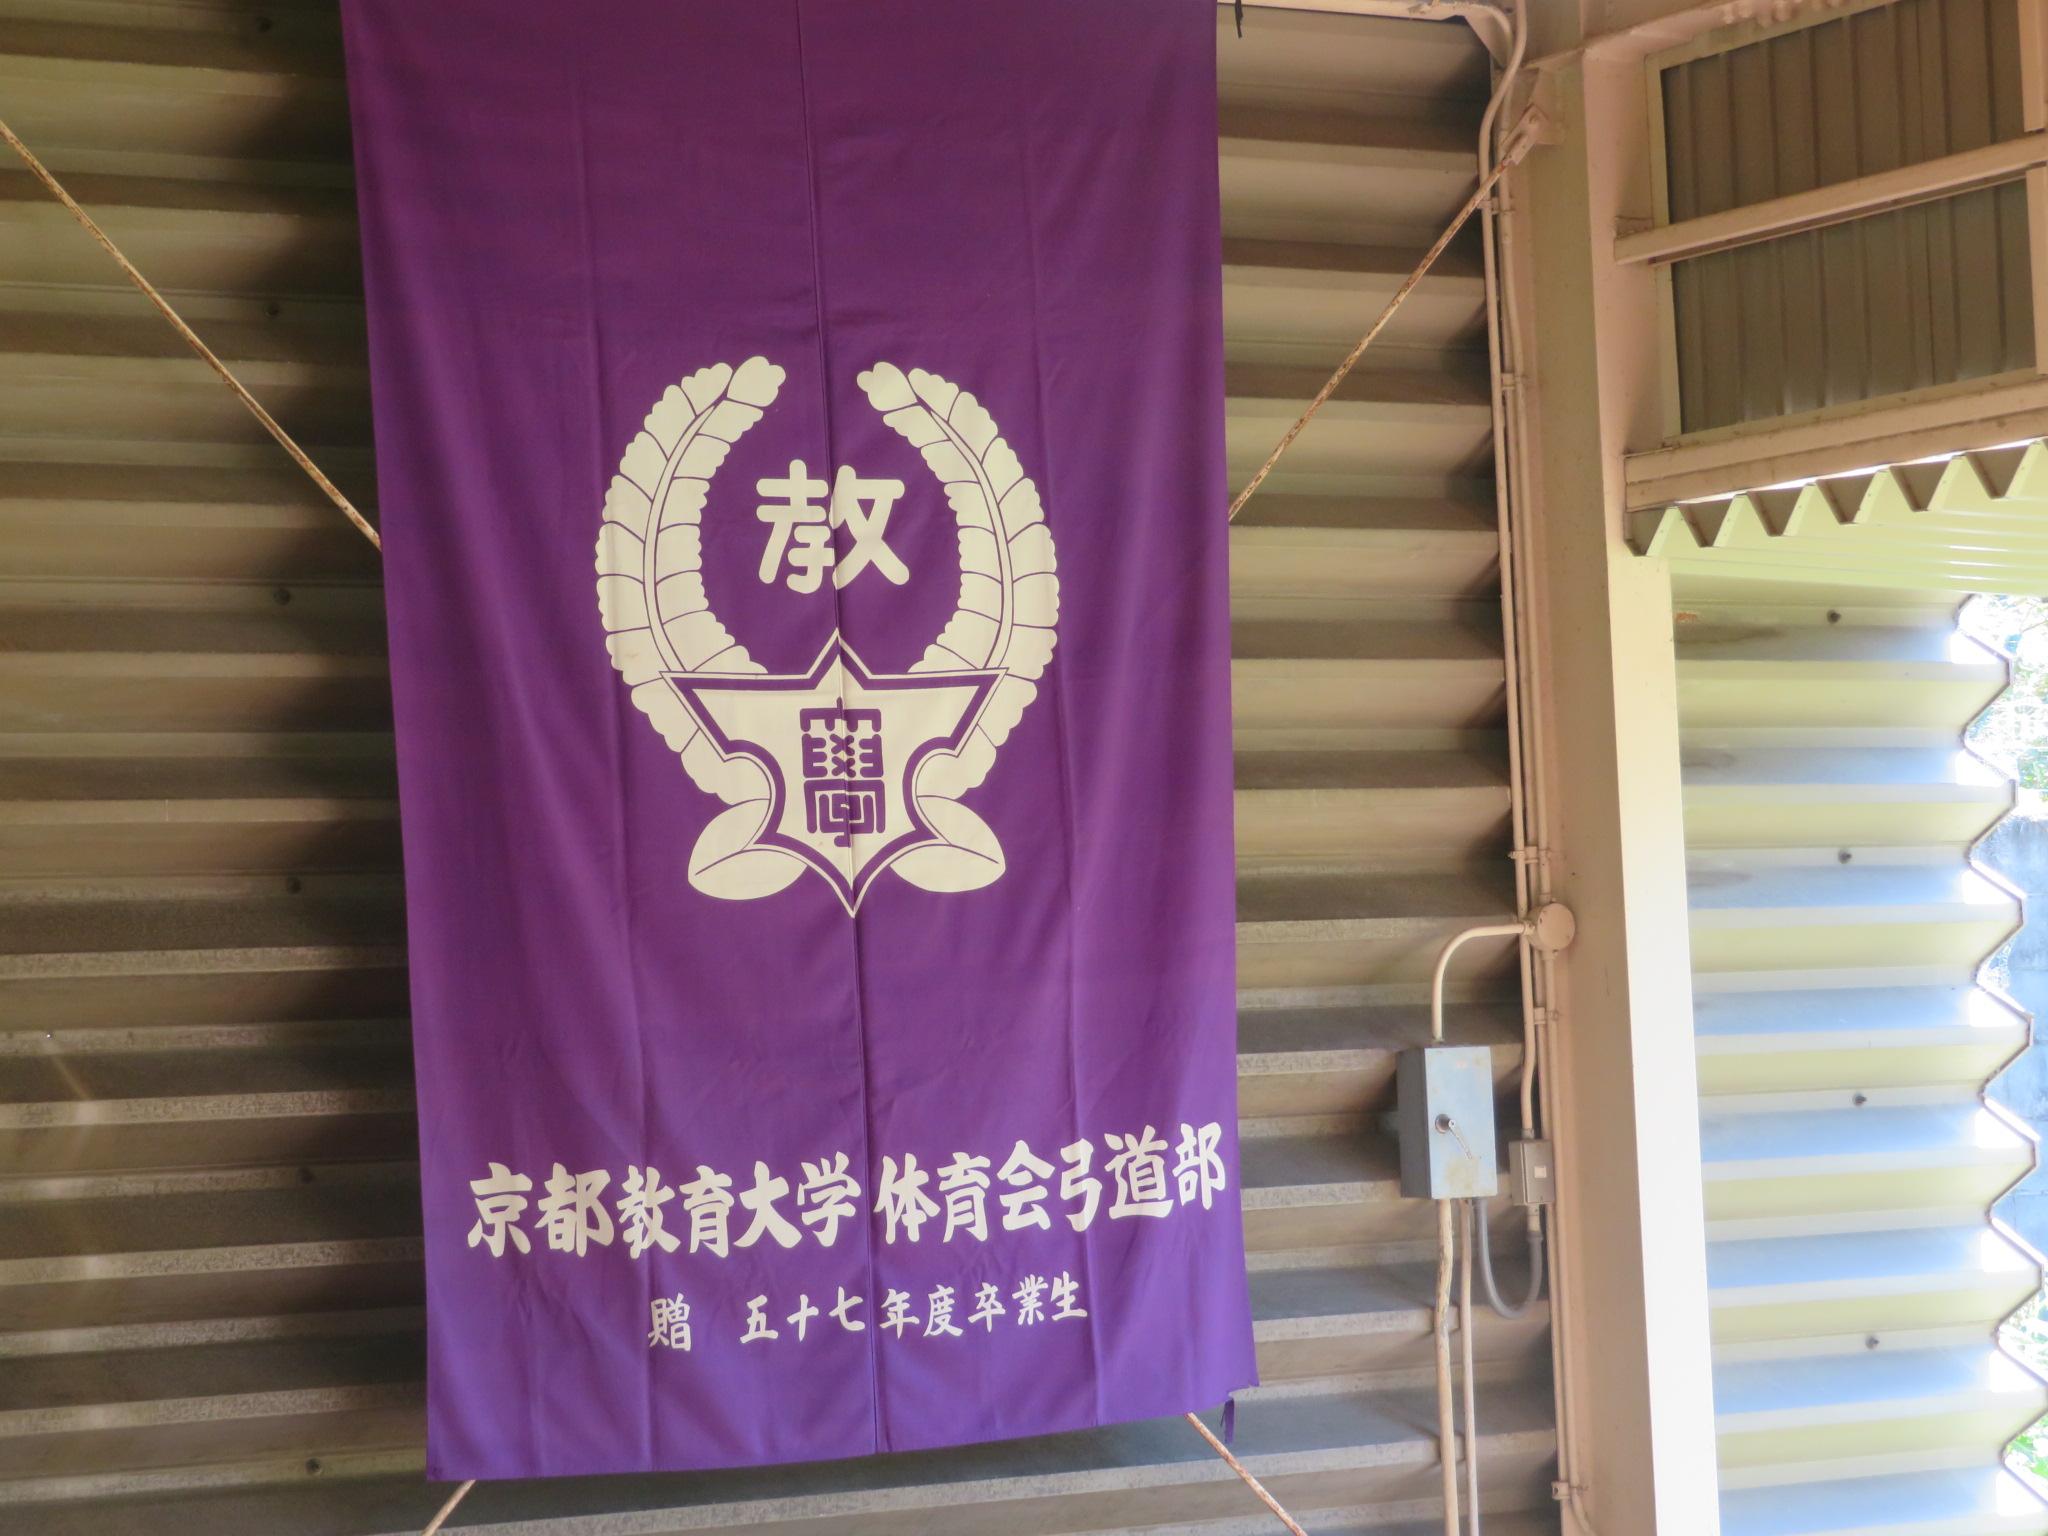 京都教育大学さんに道場提供して頂きました